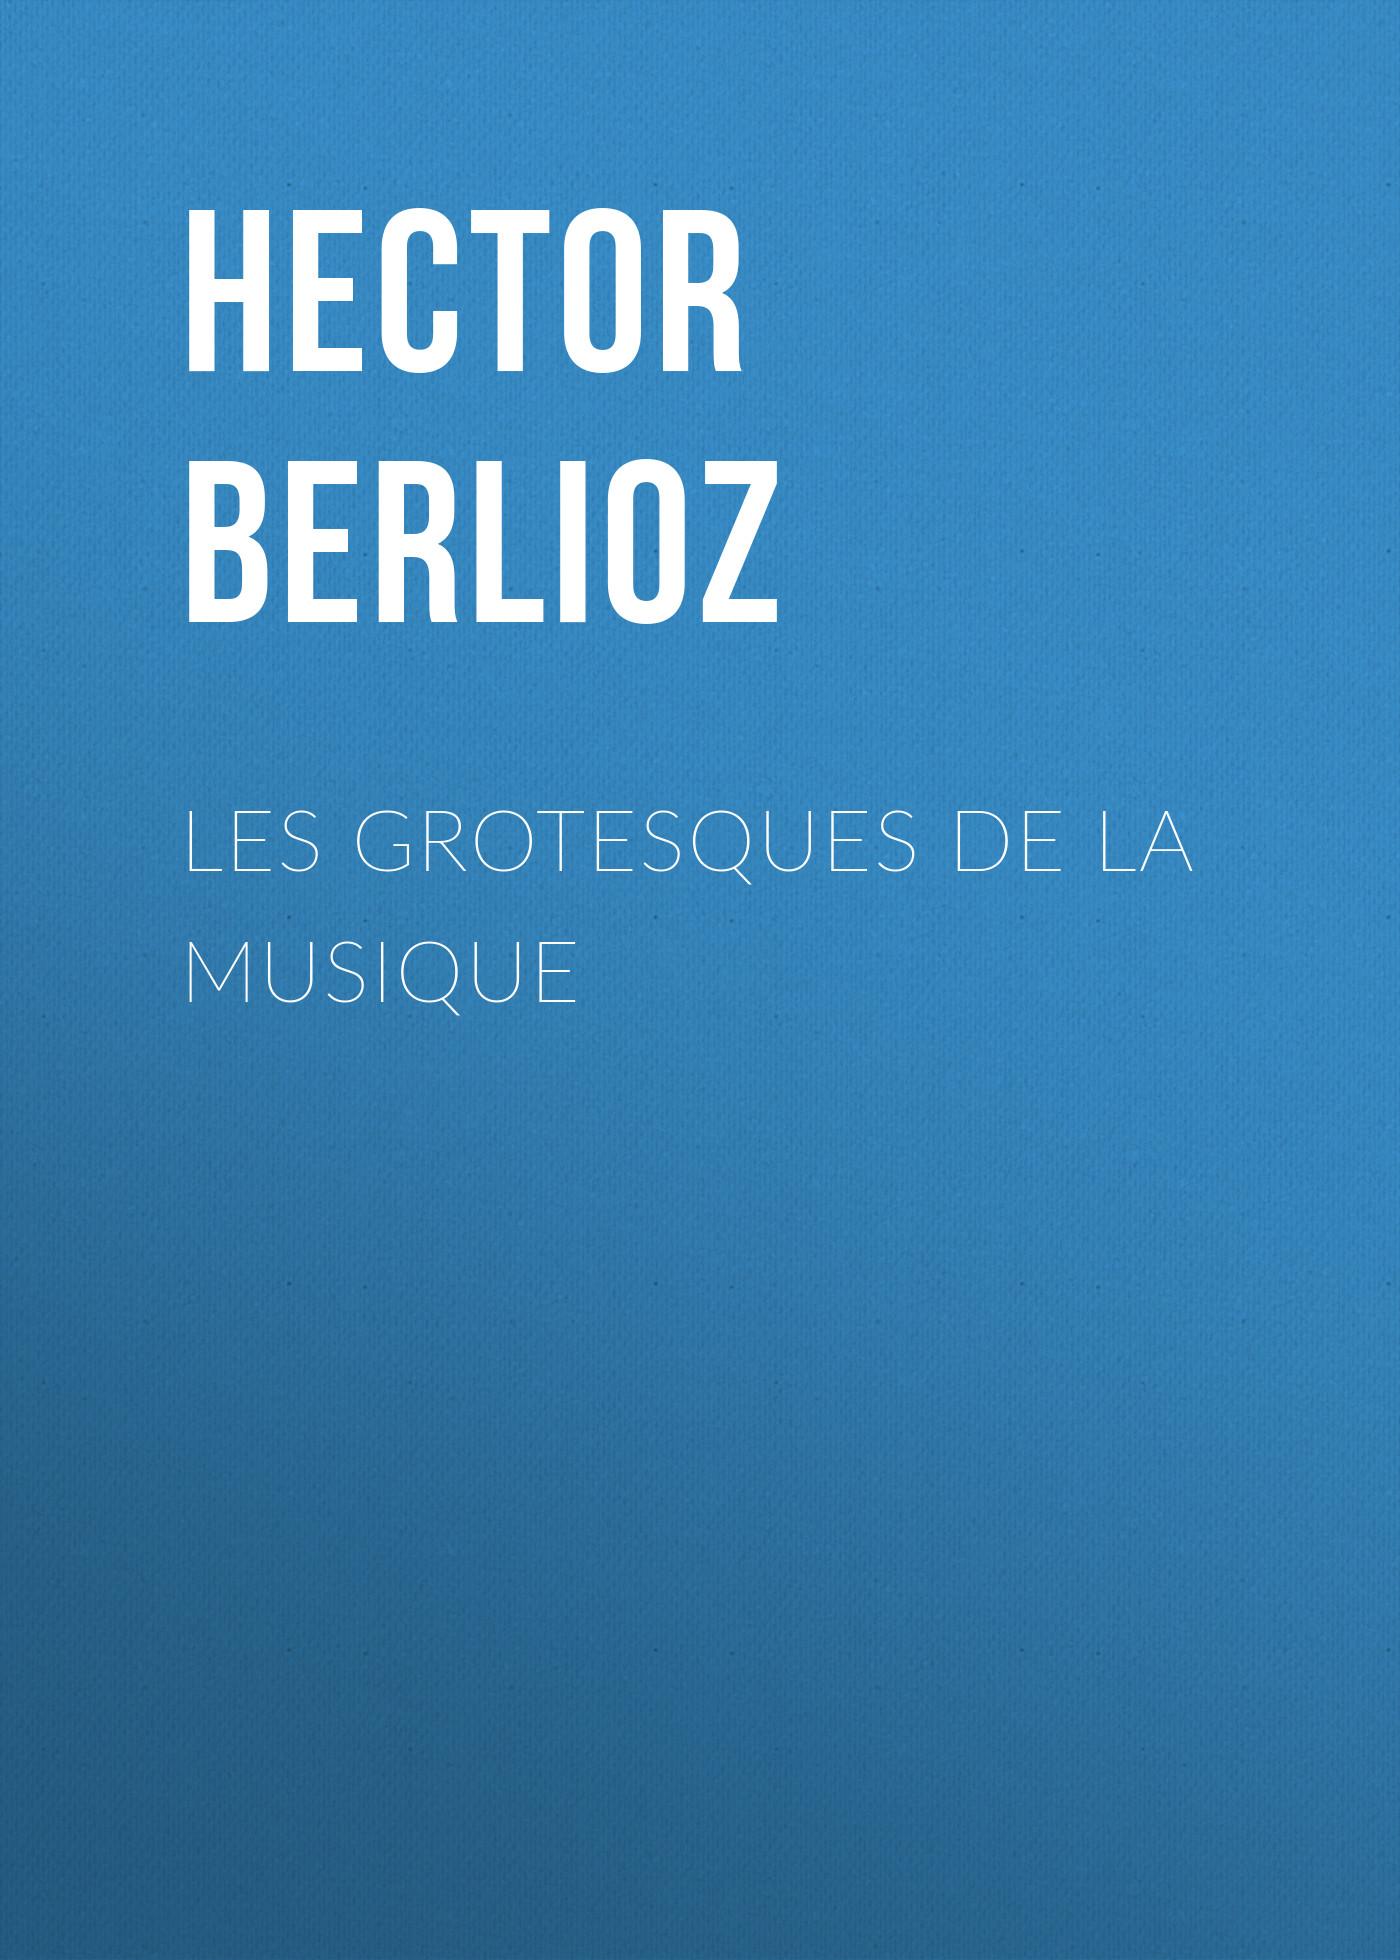 Hector Berlioz Les grotesques de la musique